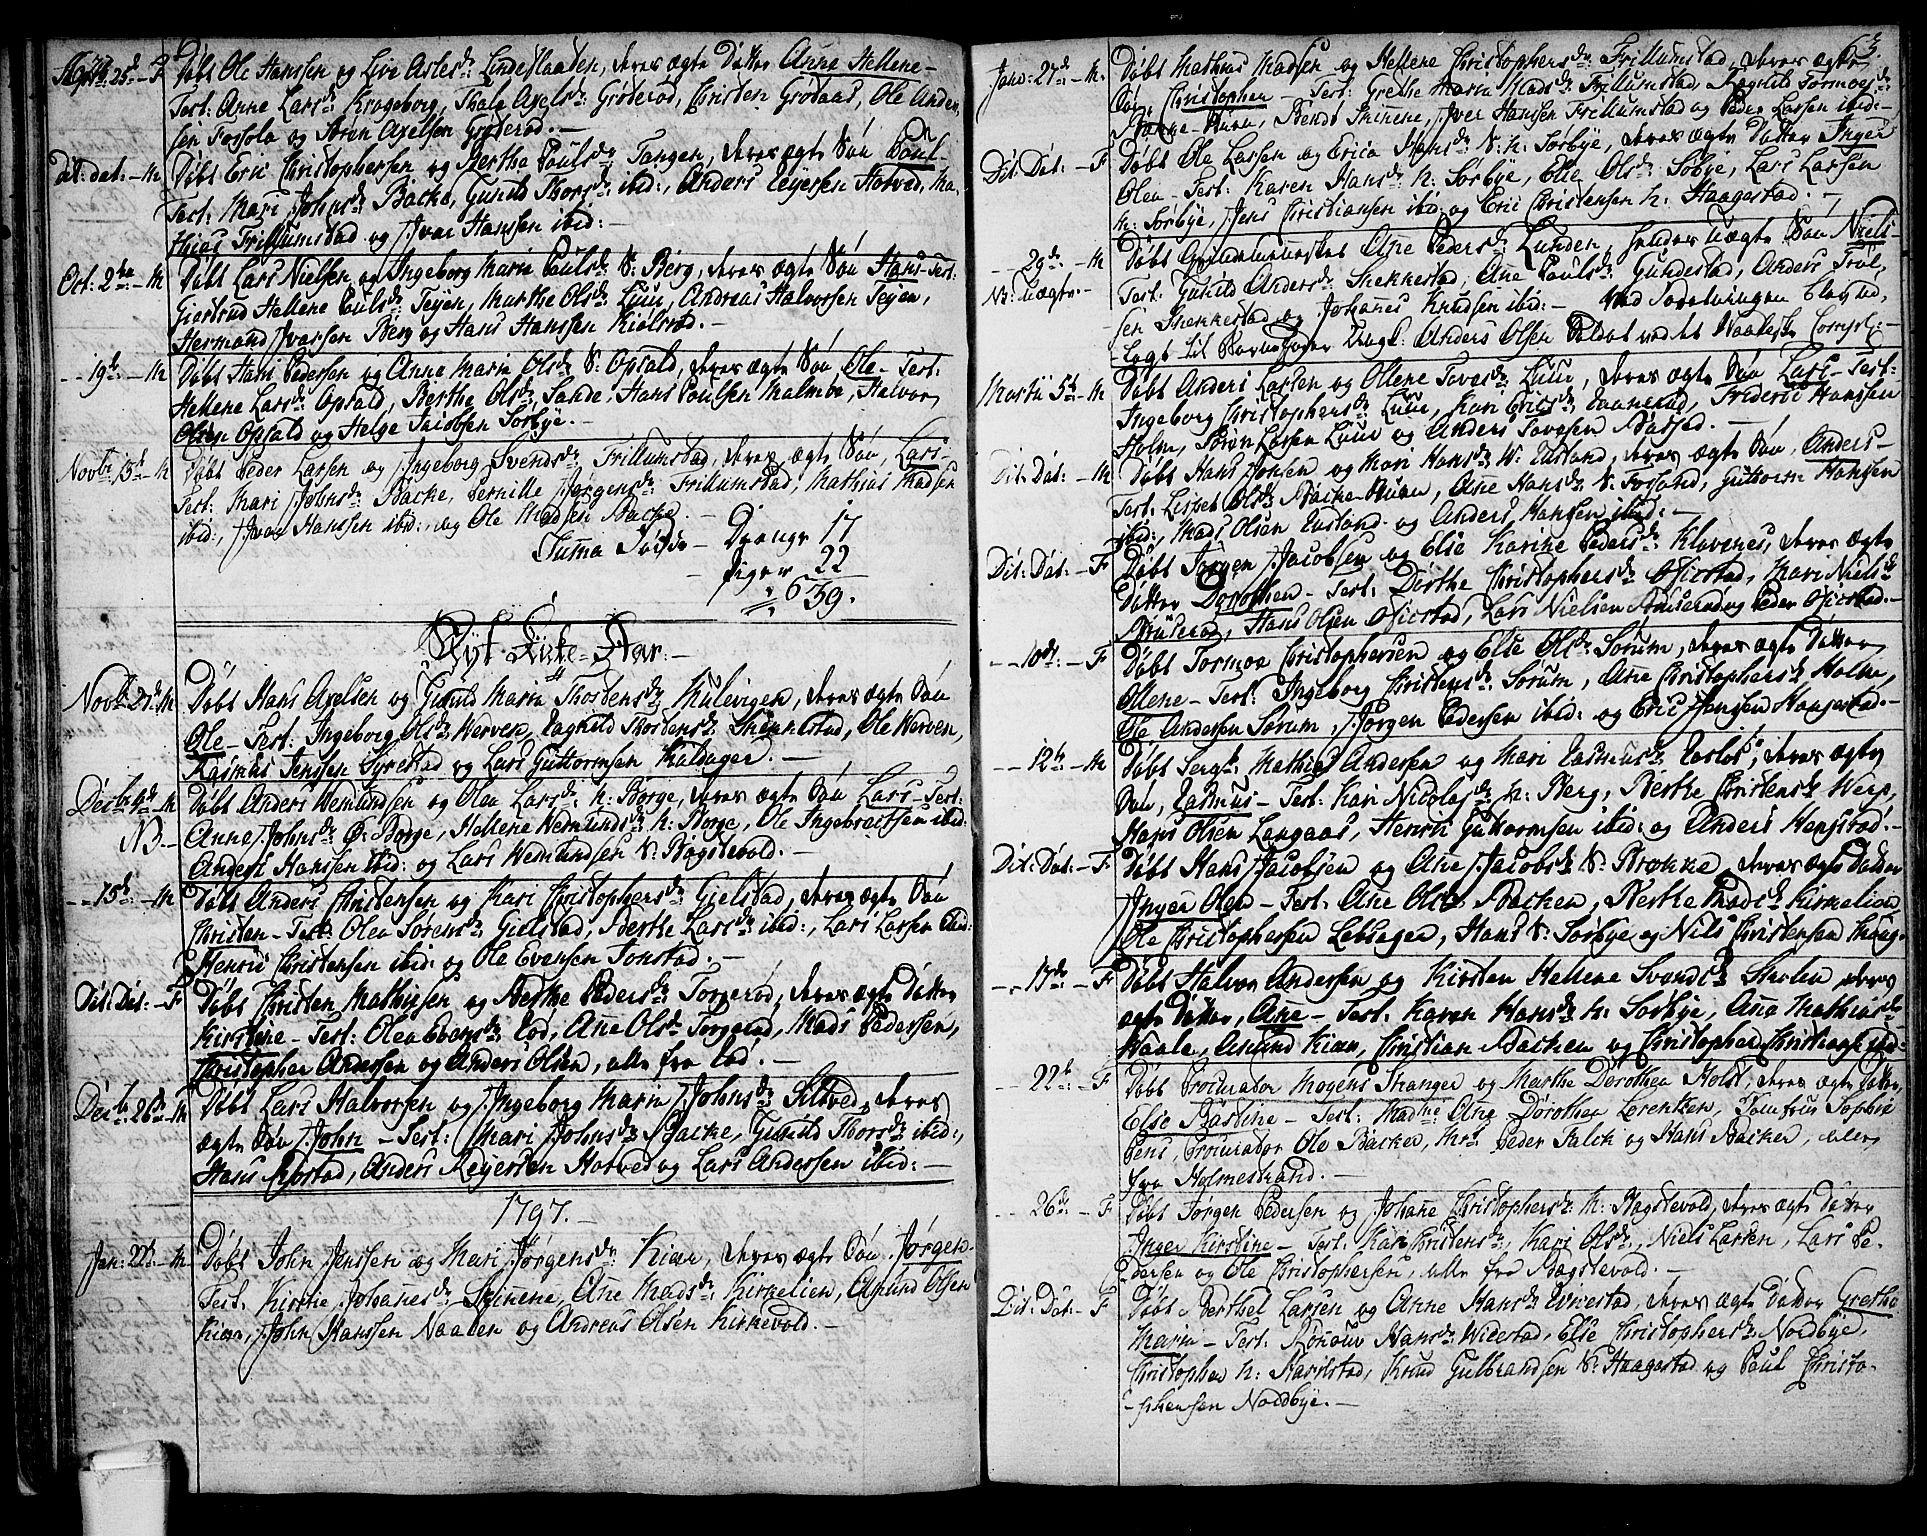 SAKO, Våle kirkebøker, F/Fa/L0005: Ministerialbok nr. I 5, 1773-1808, s. 62-63